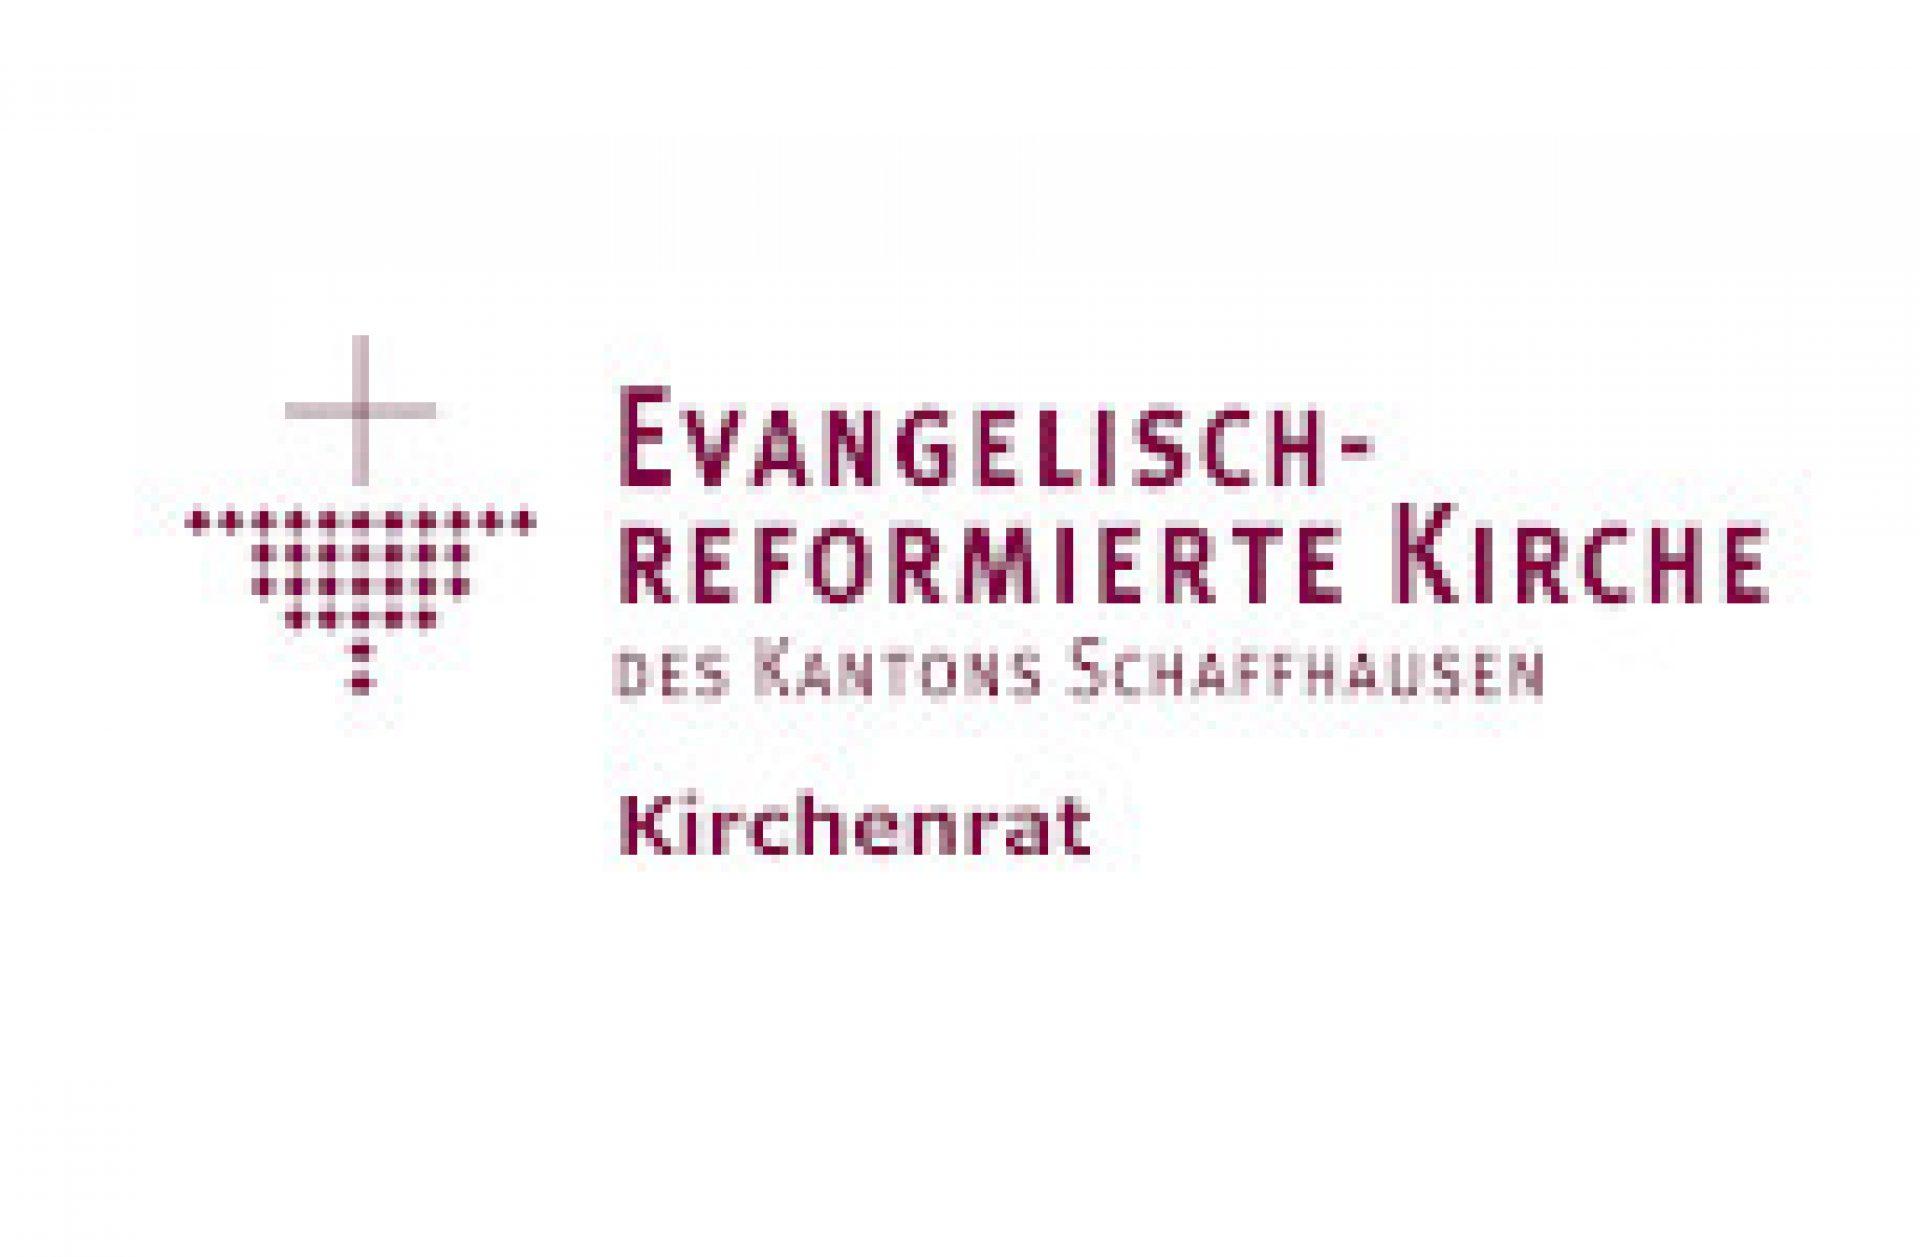 Evangelisch Reformierte Kirche Schaffhausen